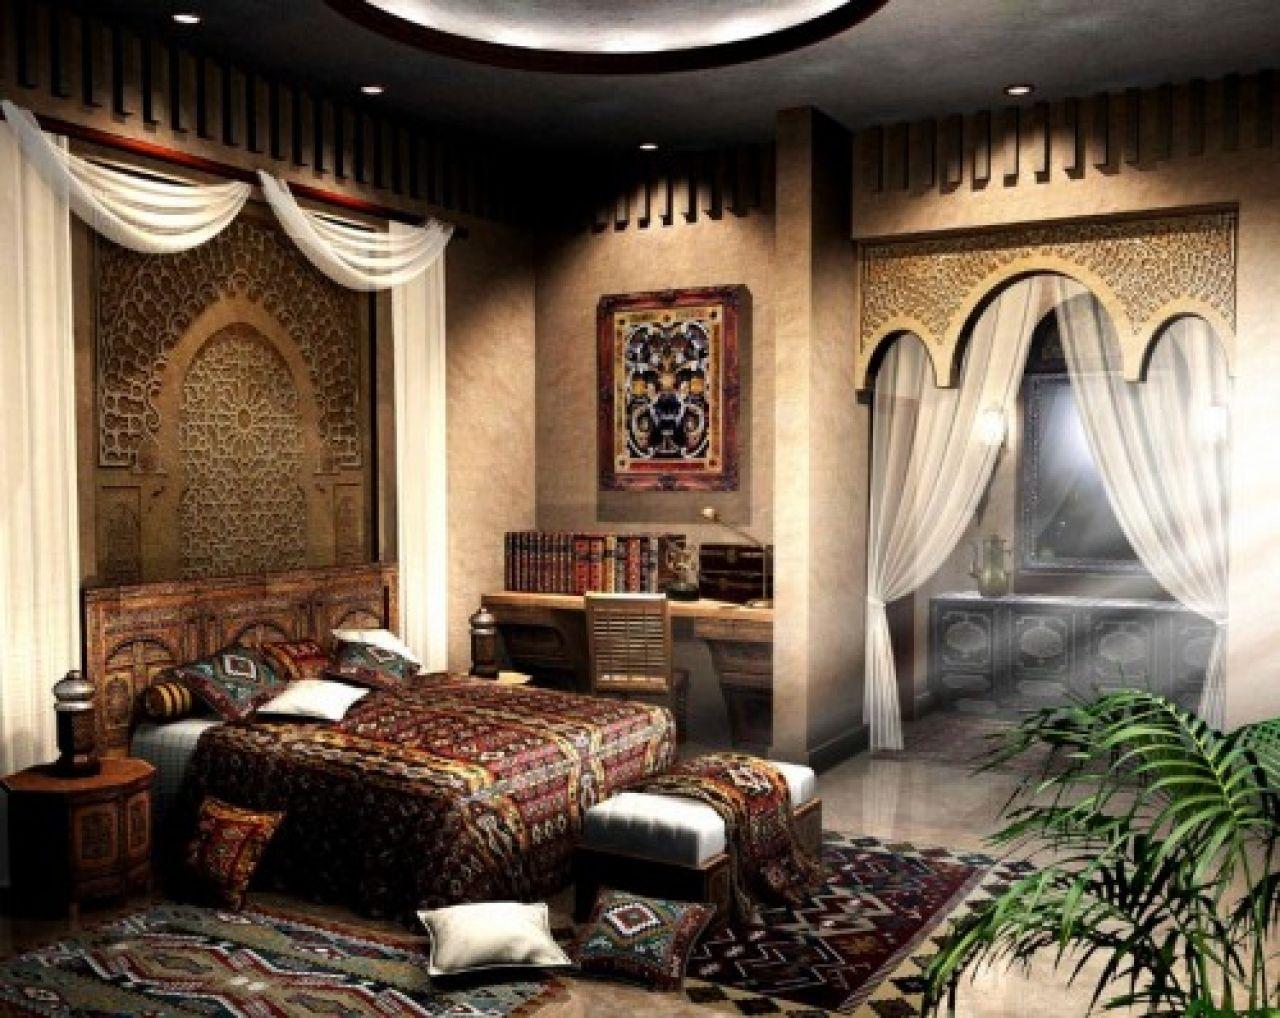 exotic bedroom  bedroom oasis  pinterest  exotic bedrooms  - exotic bedroom